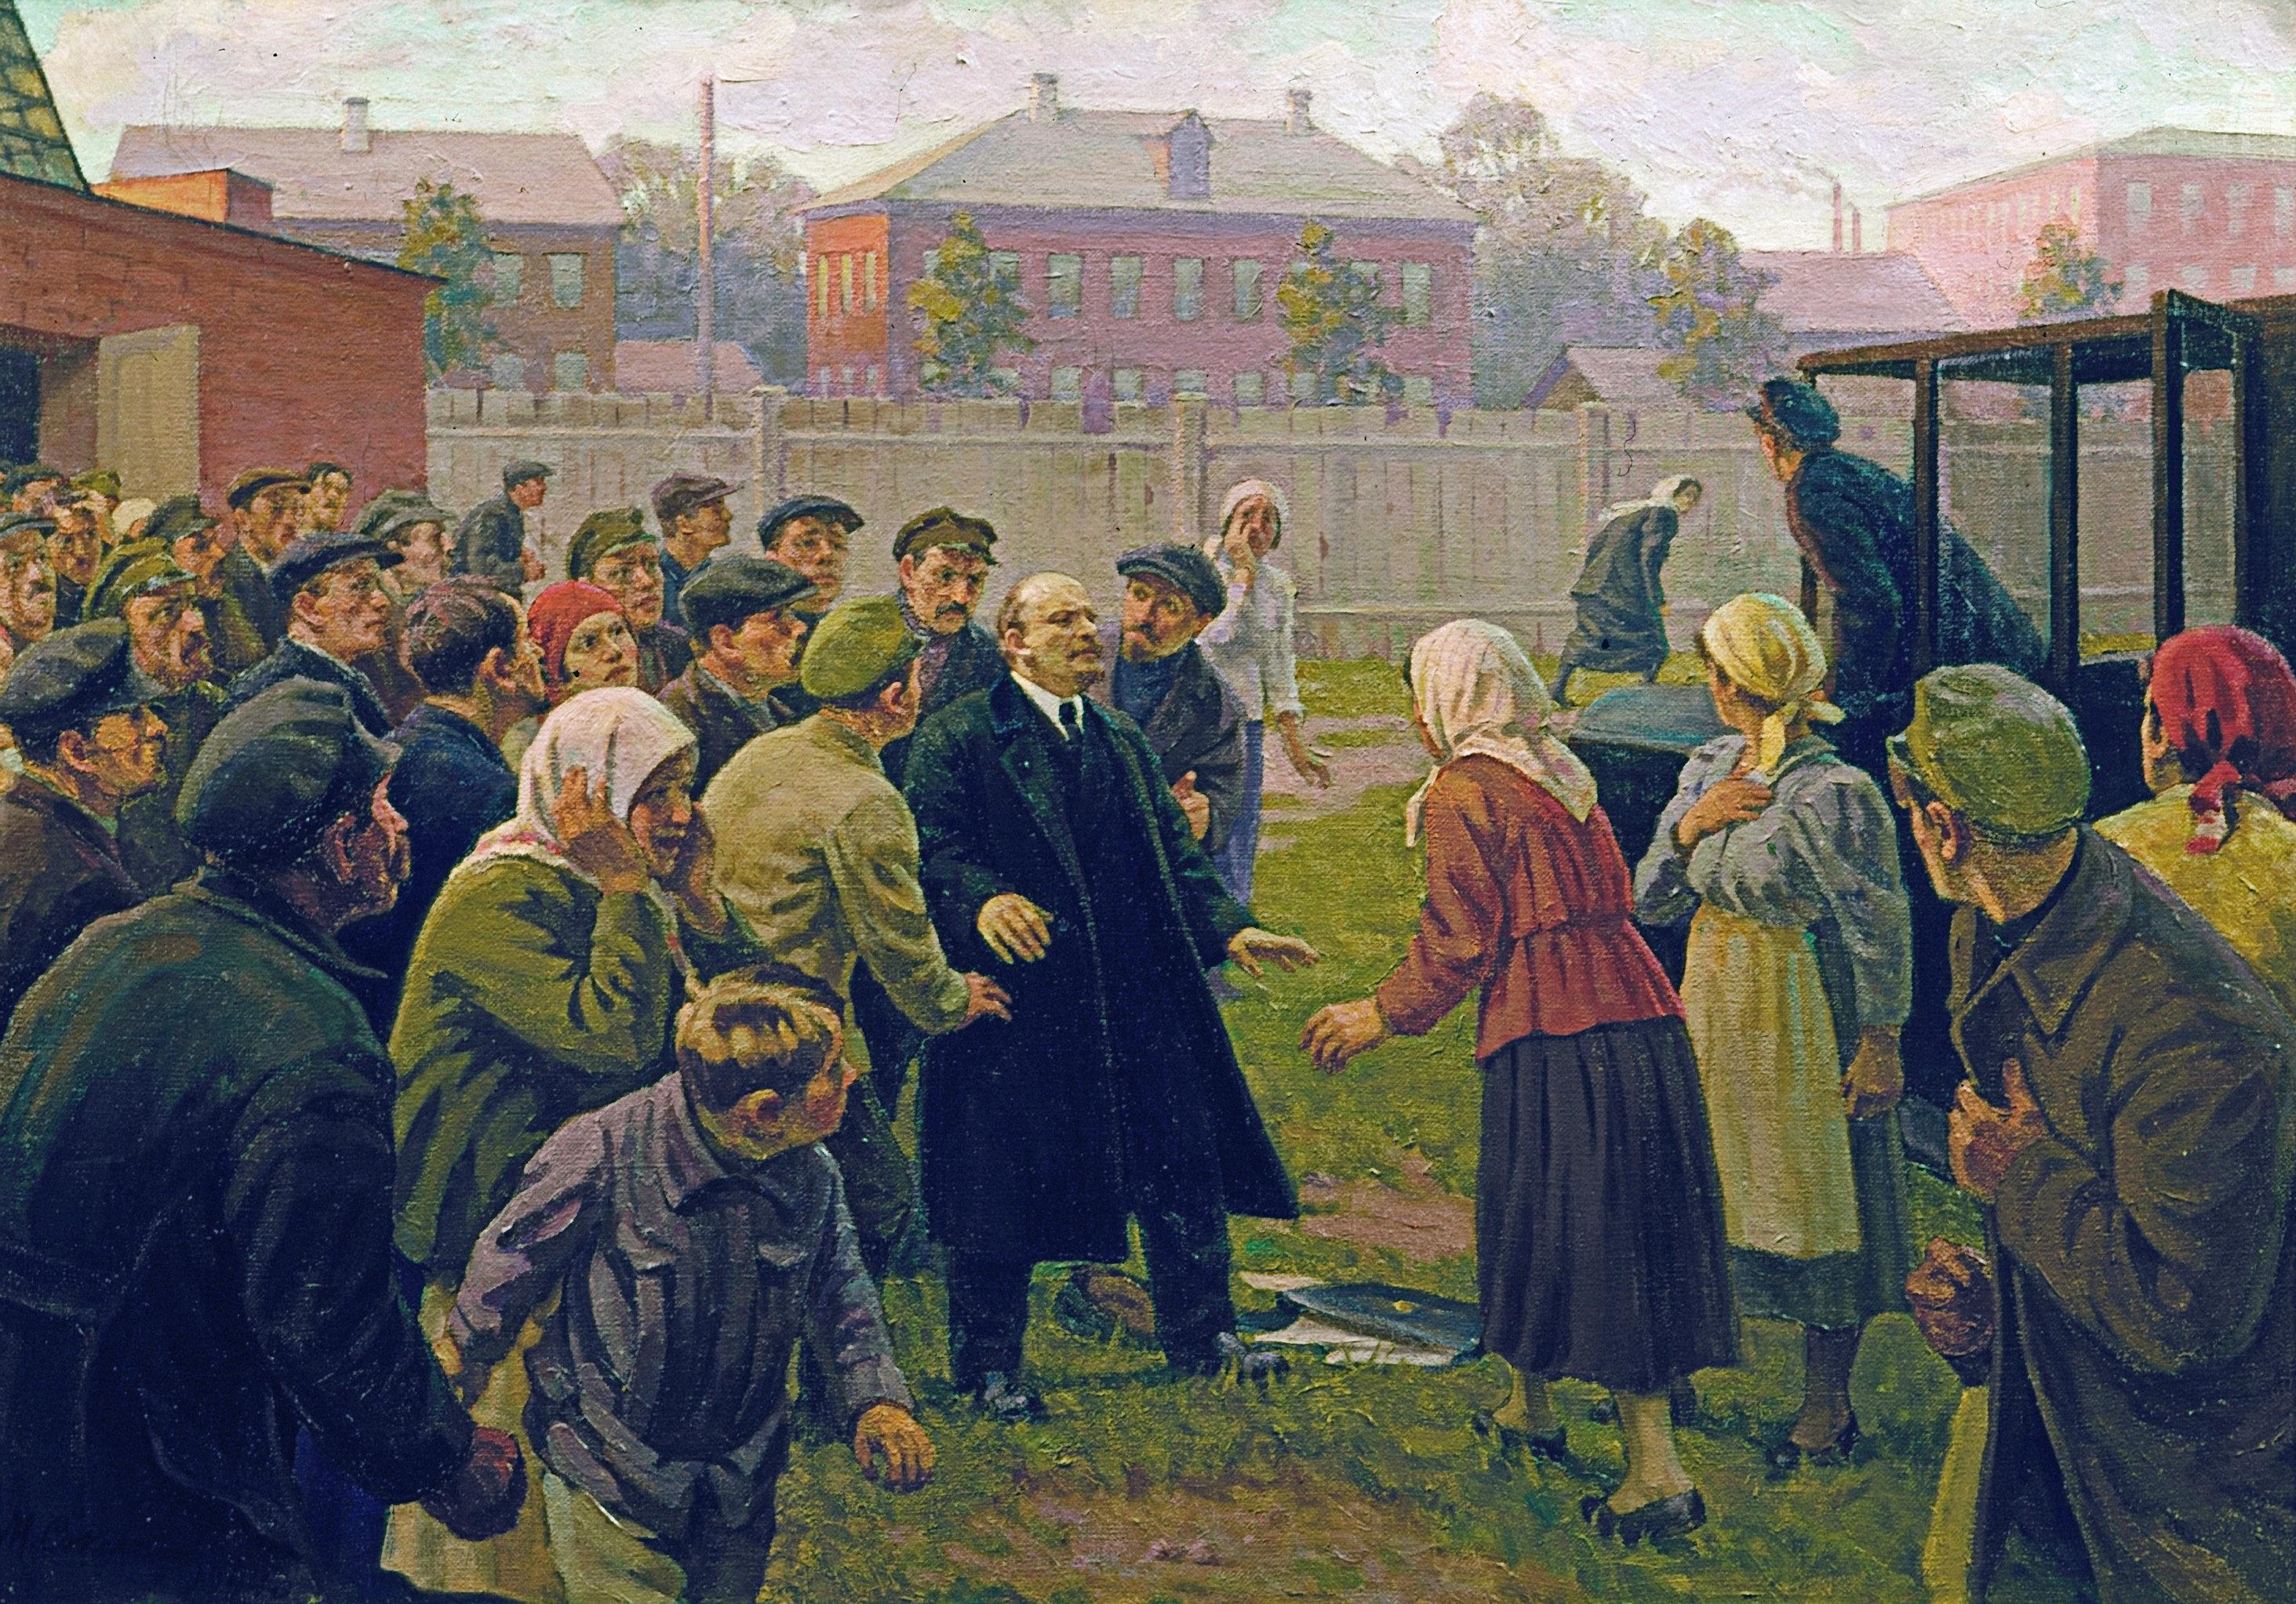 El cuadro Atentado contra Vladímir Lenin, el 20 de agosto de 1918 del artista Mijaíl Sokolov